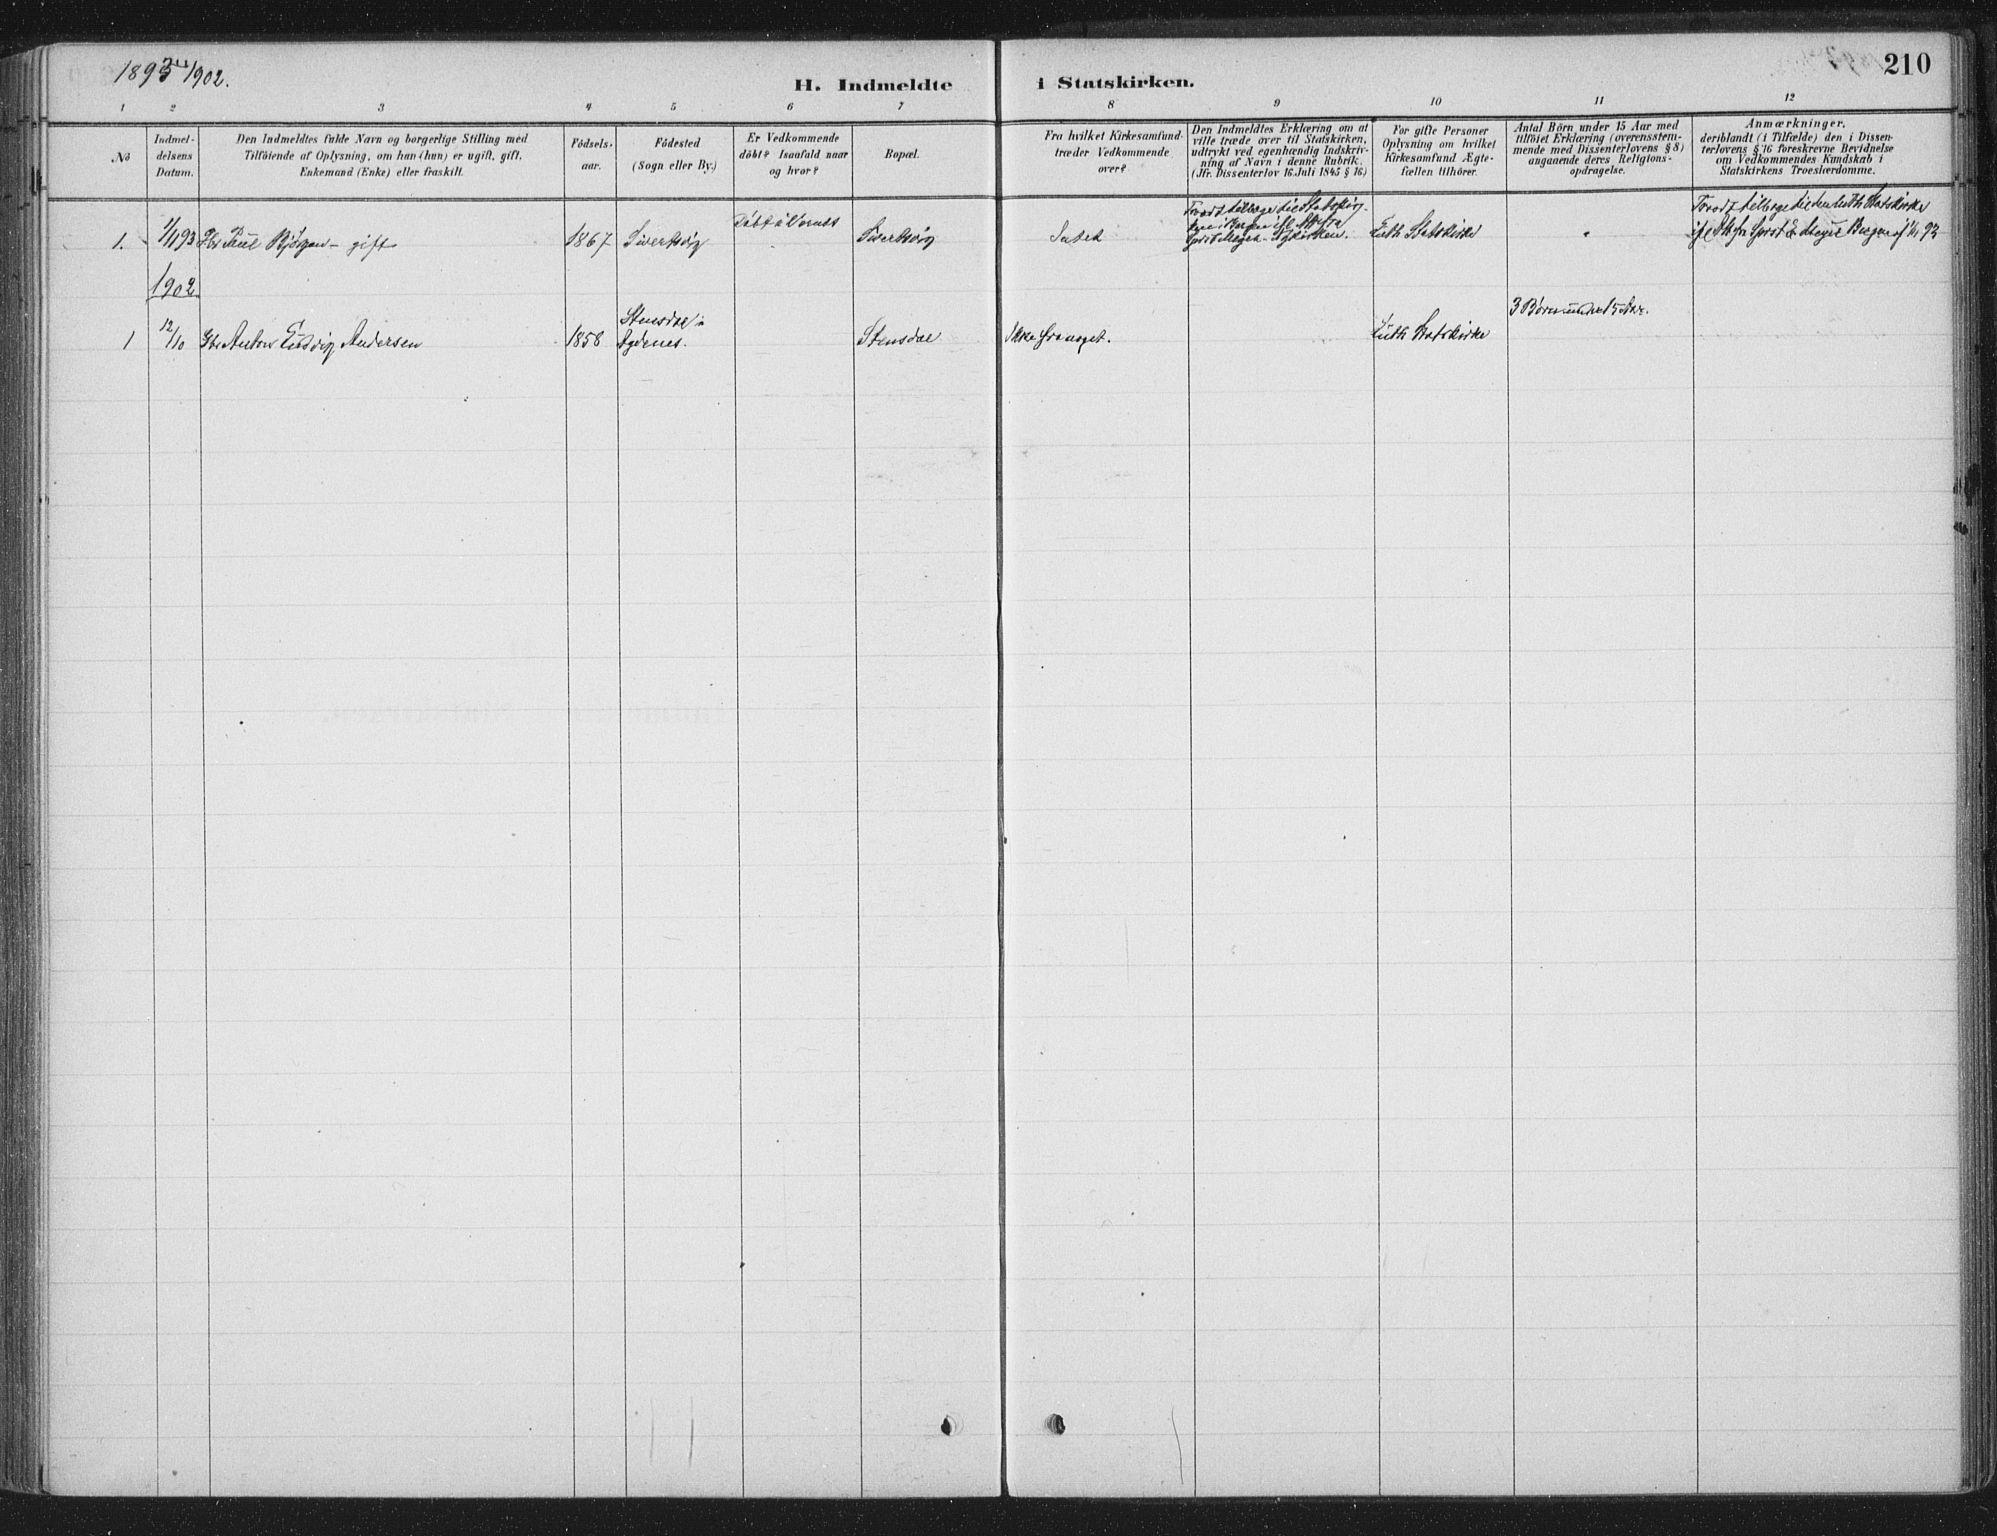 SAT, Ministerialprotokoller, klokkerbøker og fødselsregistre - Sør-Trøndelag, 662/L0755: Ministerialbok nr. 662A01, 1879-1905, s. 210